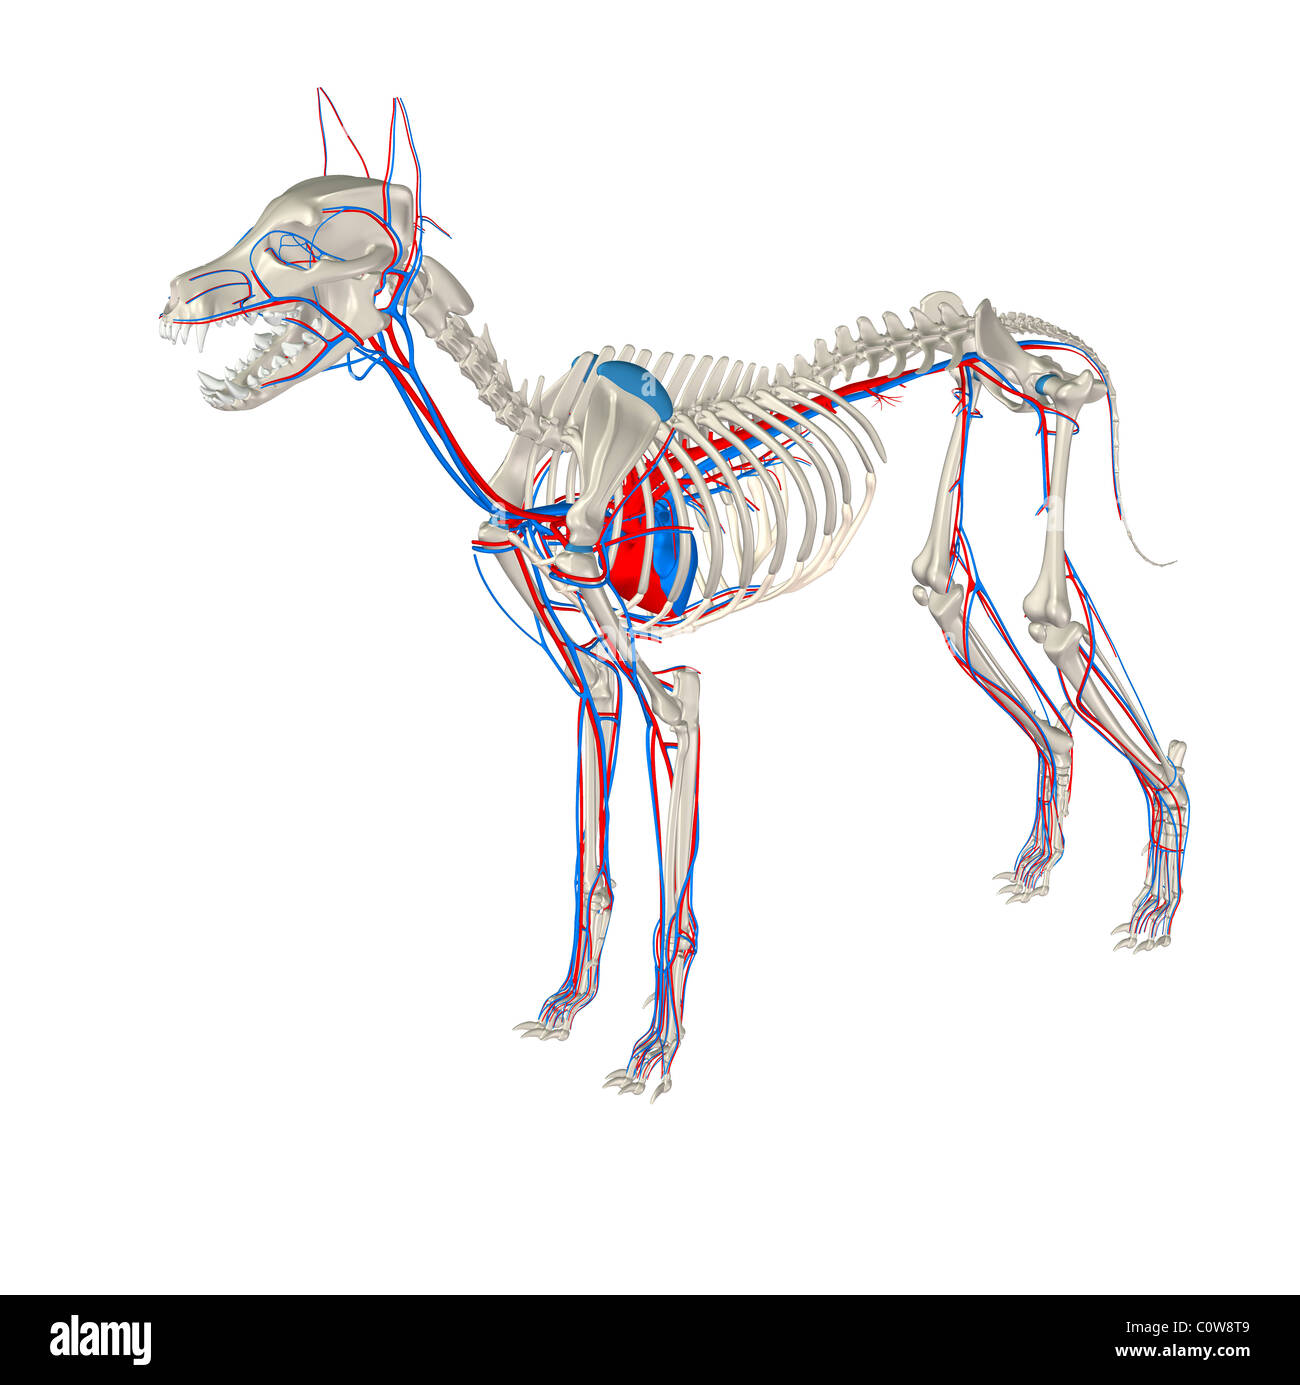 Hund-Anatomie-Herz-Kreislauf Stockfoto, Bild: 34976489 - Alamy